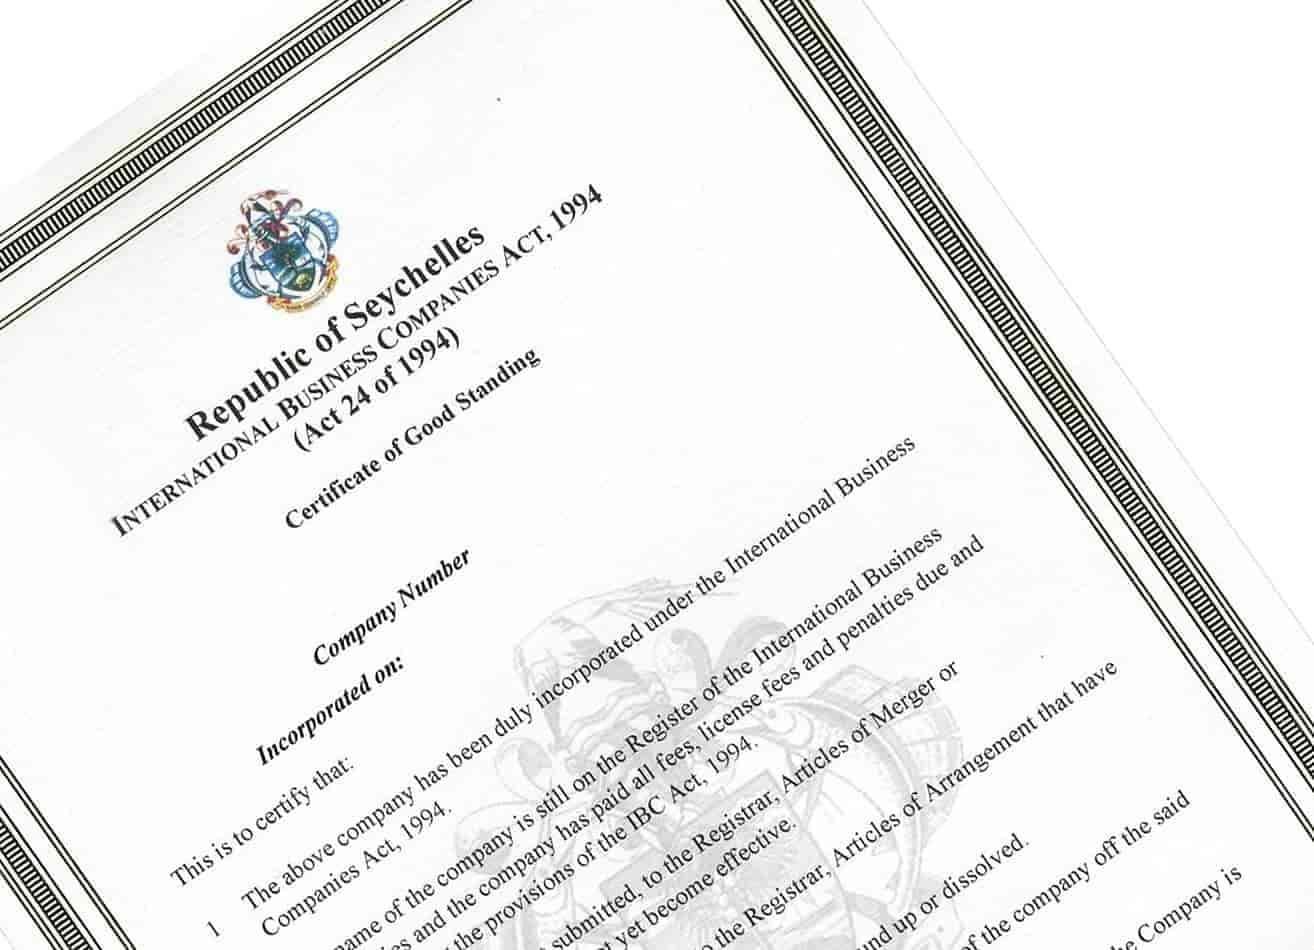 Ontvang uw Certificate of Good Standing (CoGS), onmiddellijk en zonder omwegen via ons